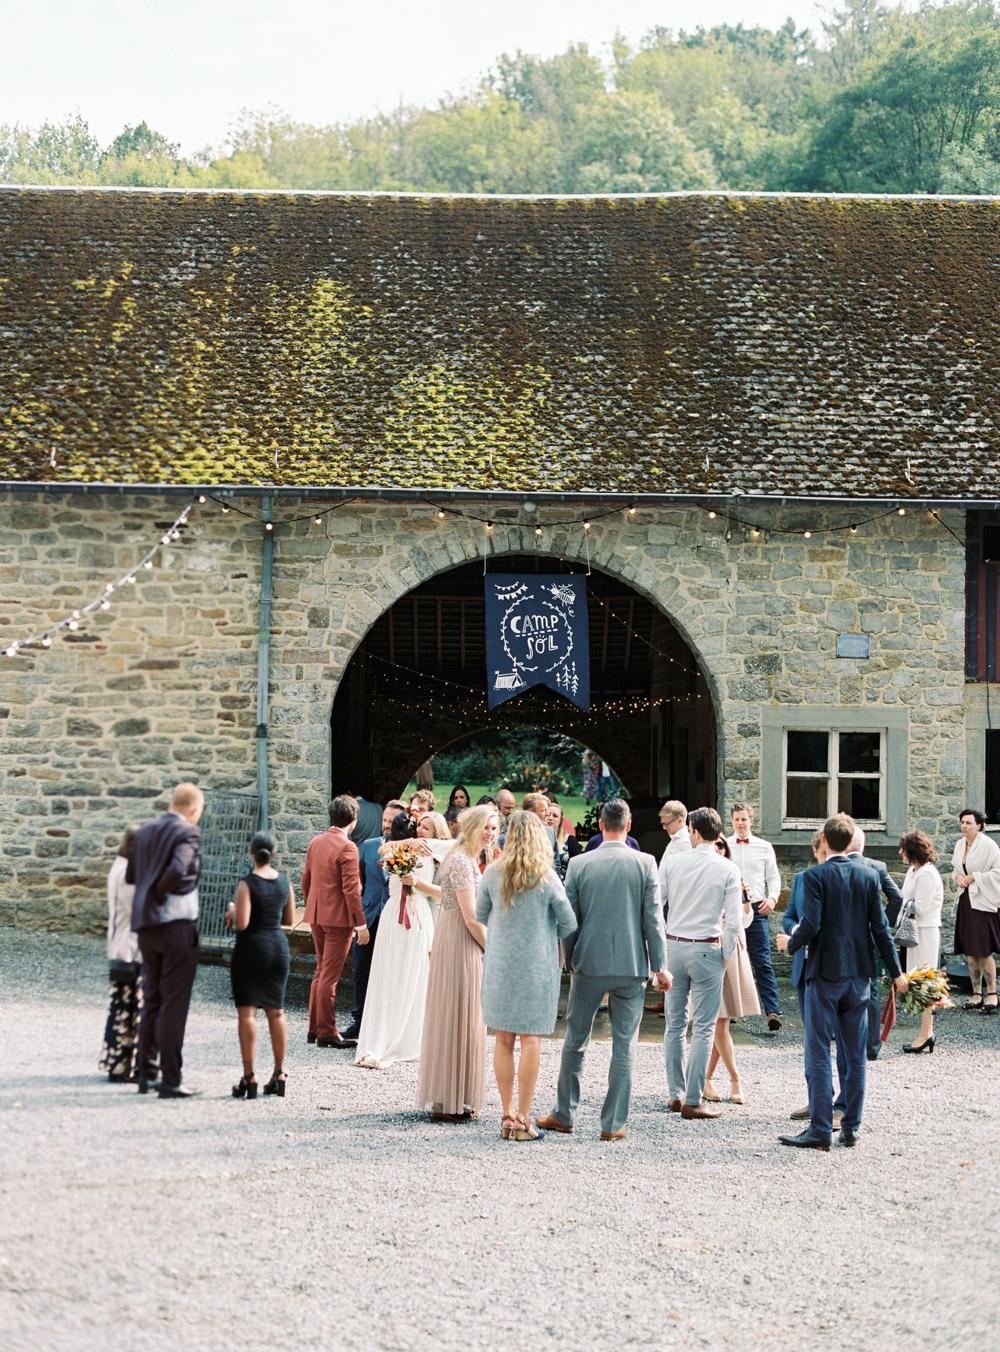 camp sol wedding weekend - wesley nulens-120.jpg